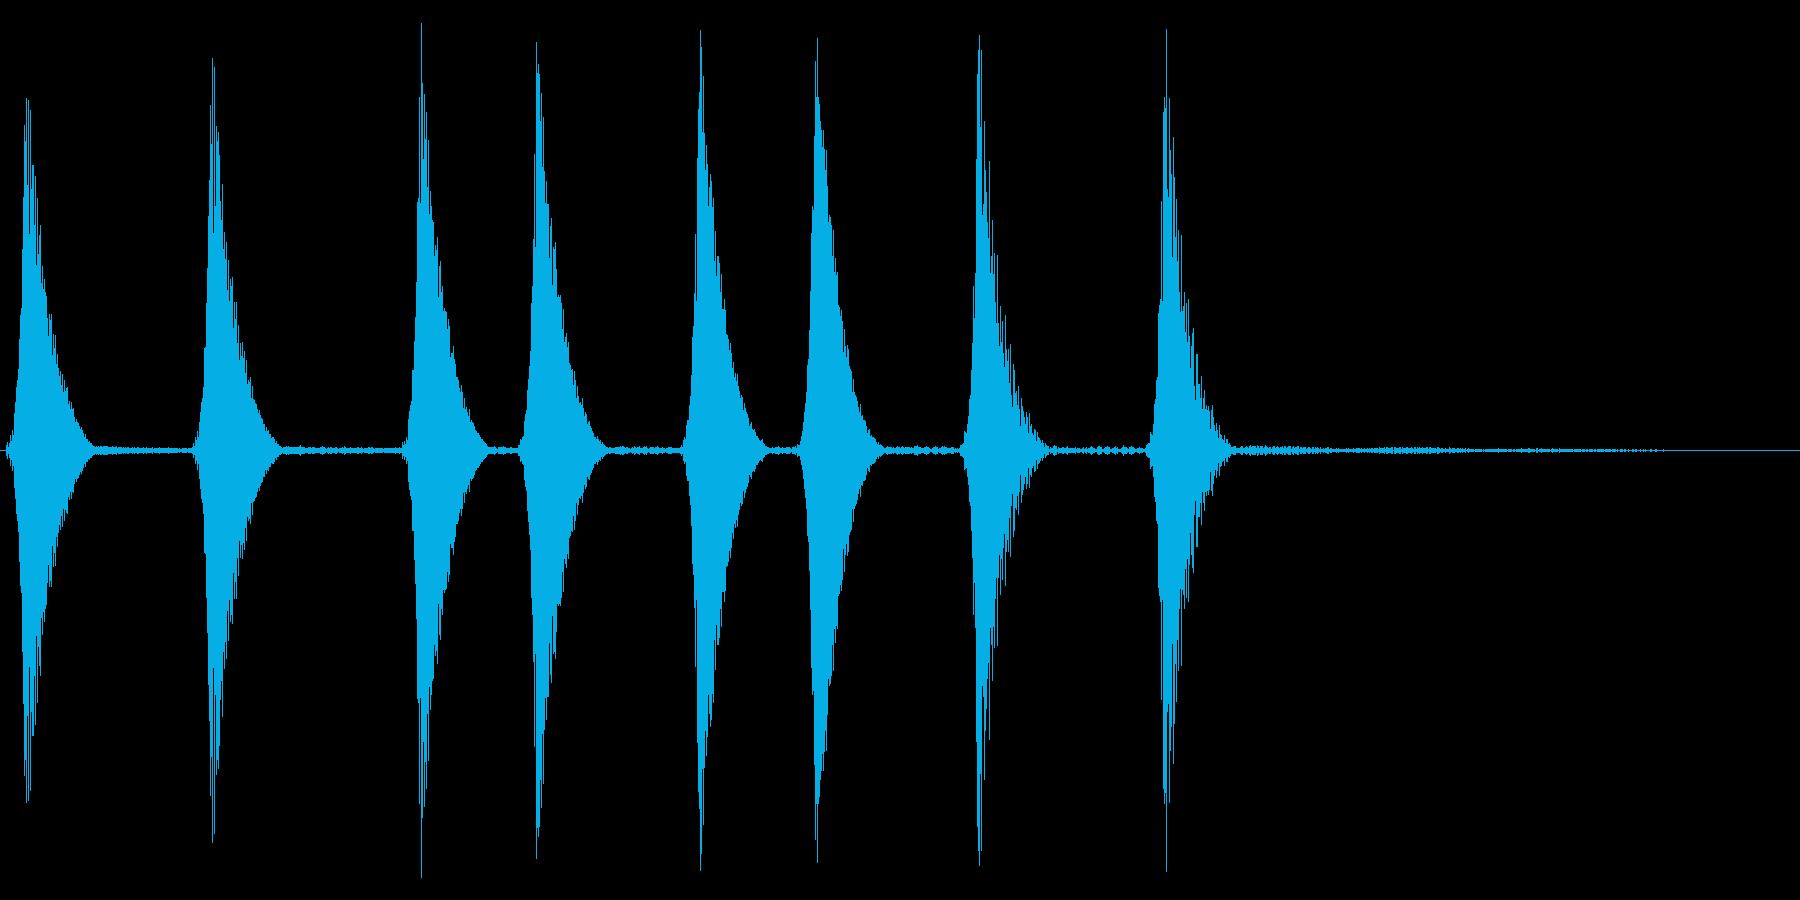 コロコロ。場面転換・めくる音(上昇)の再生済みの波形